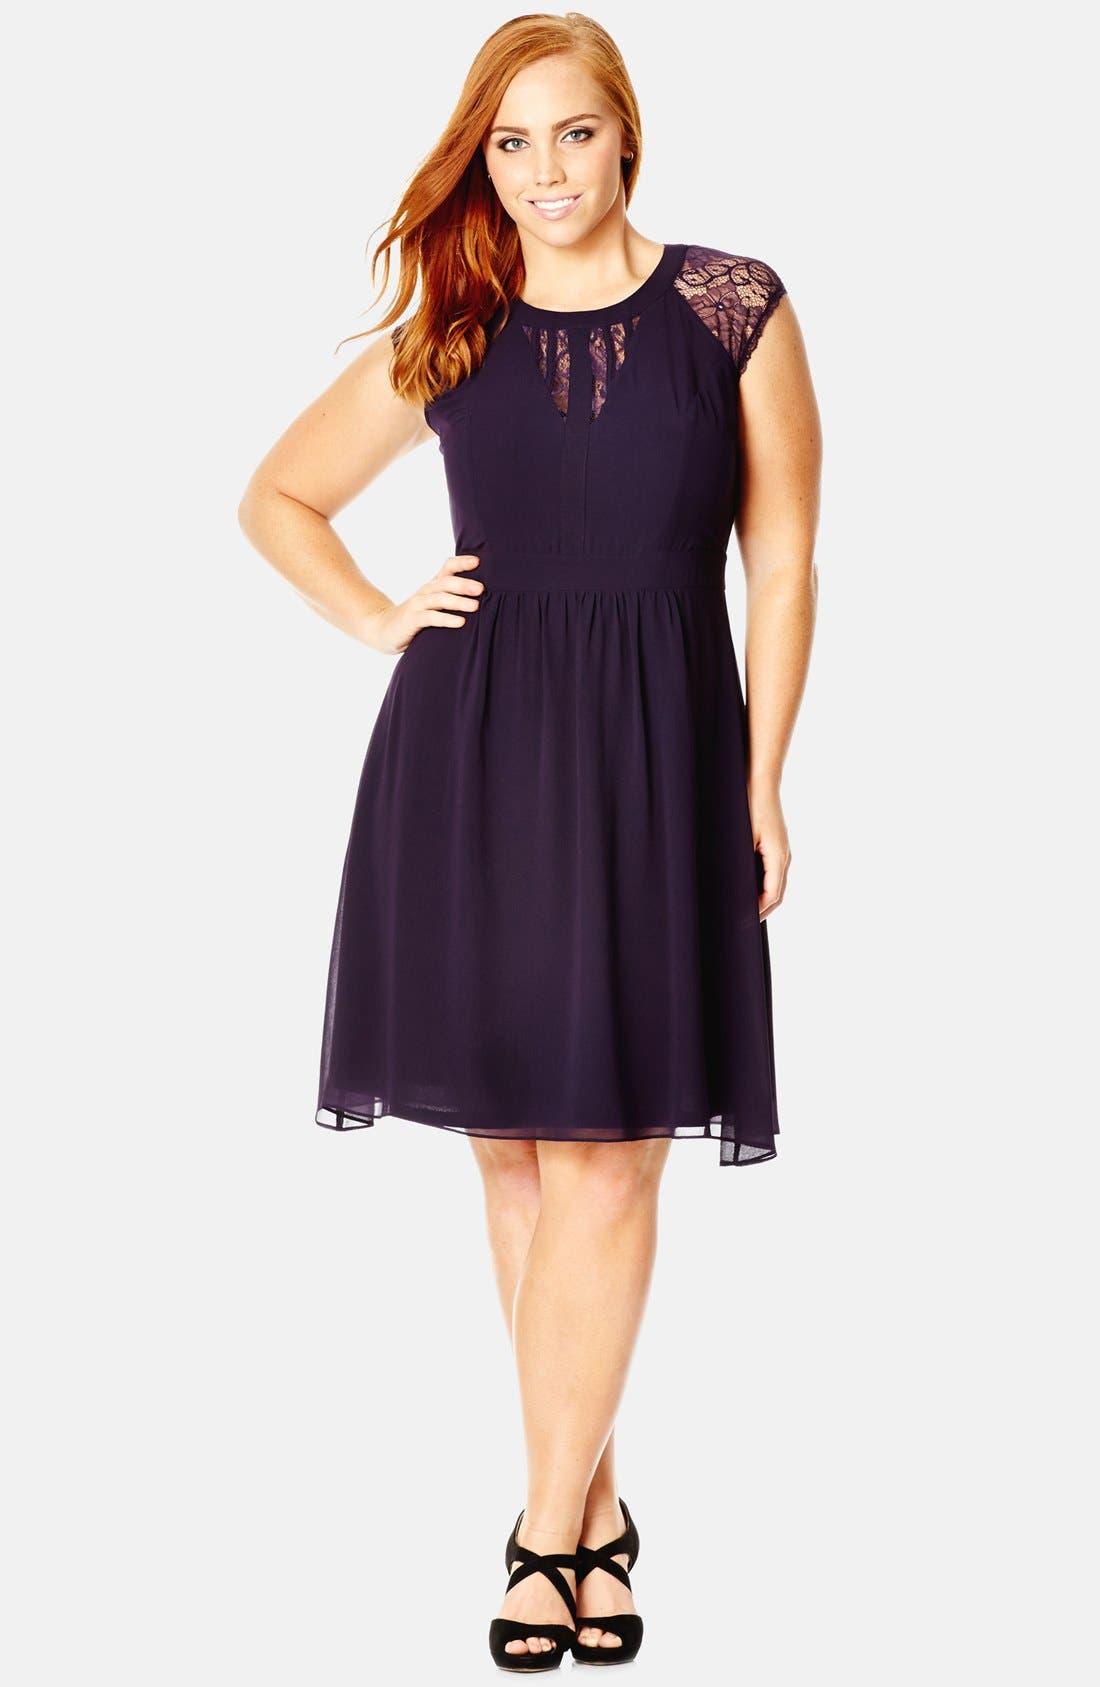 b5e85b772947a Cocktail   Party Plus-Size Dresses